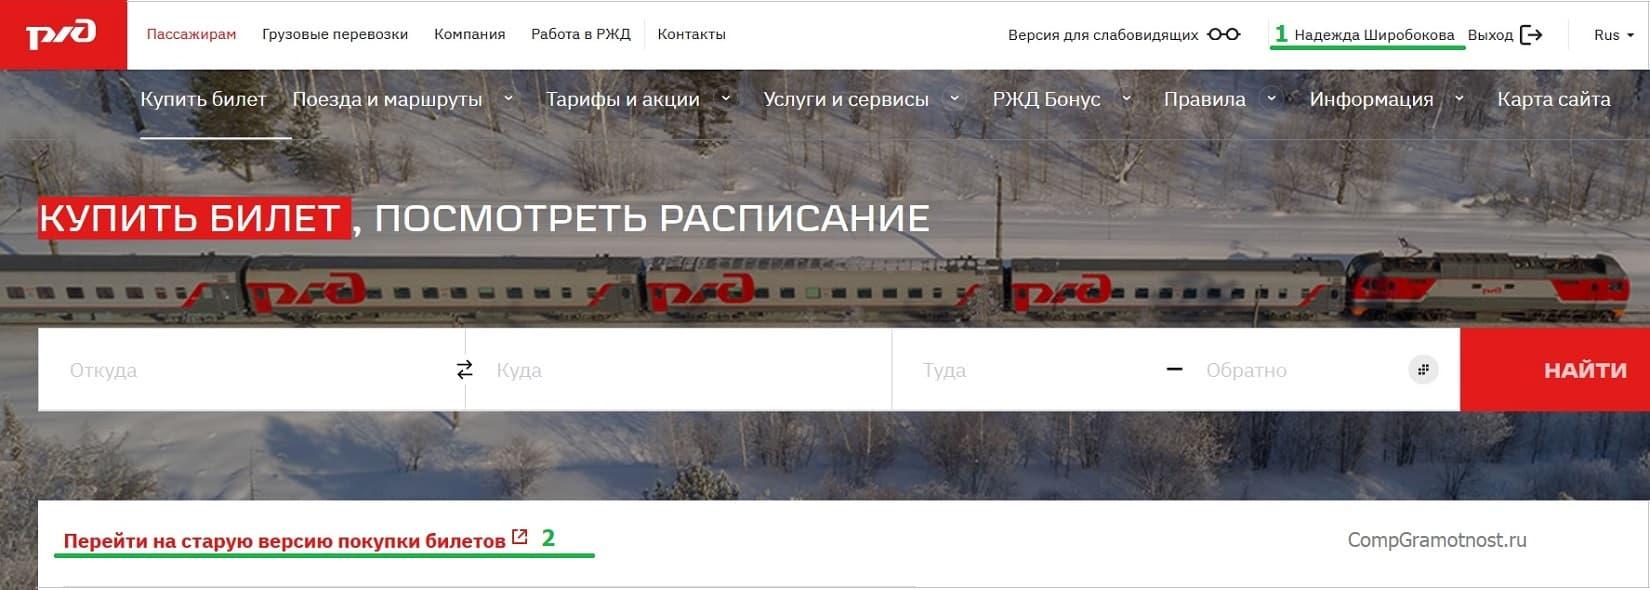 Переход на старую версию покупки билетов РЖД